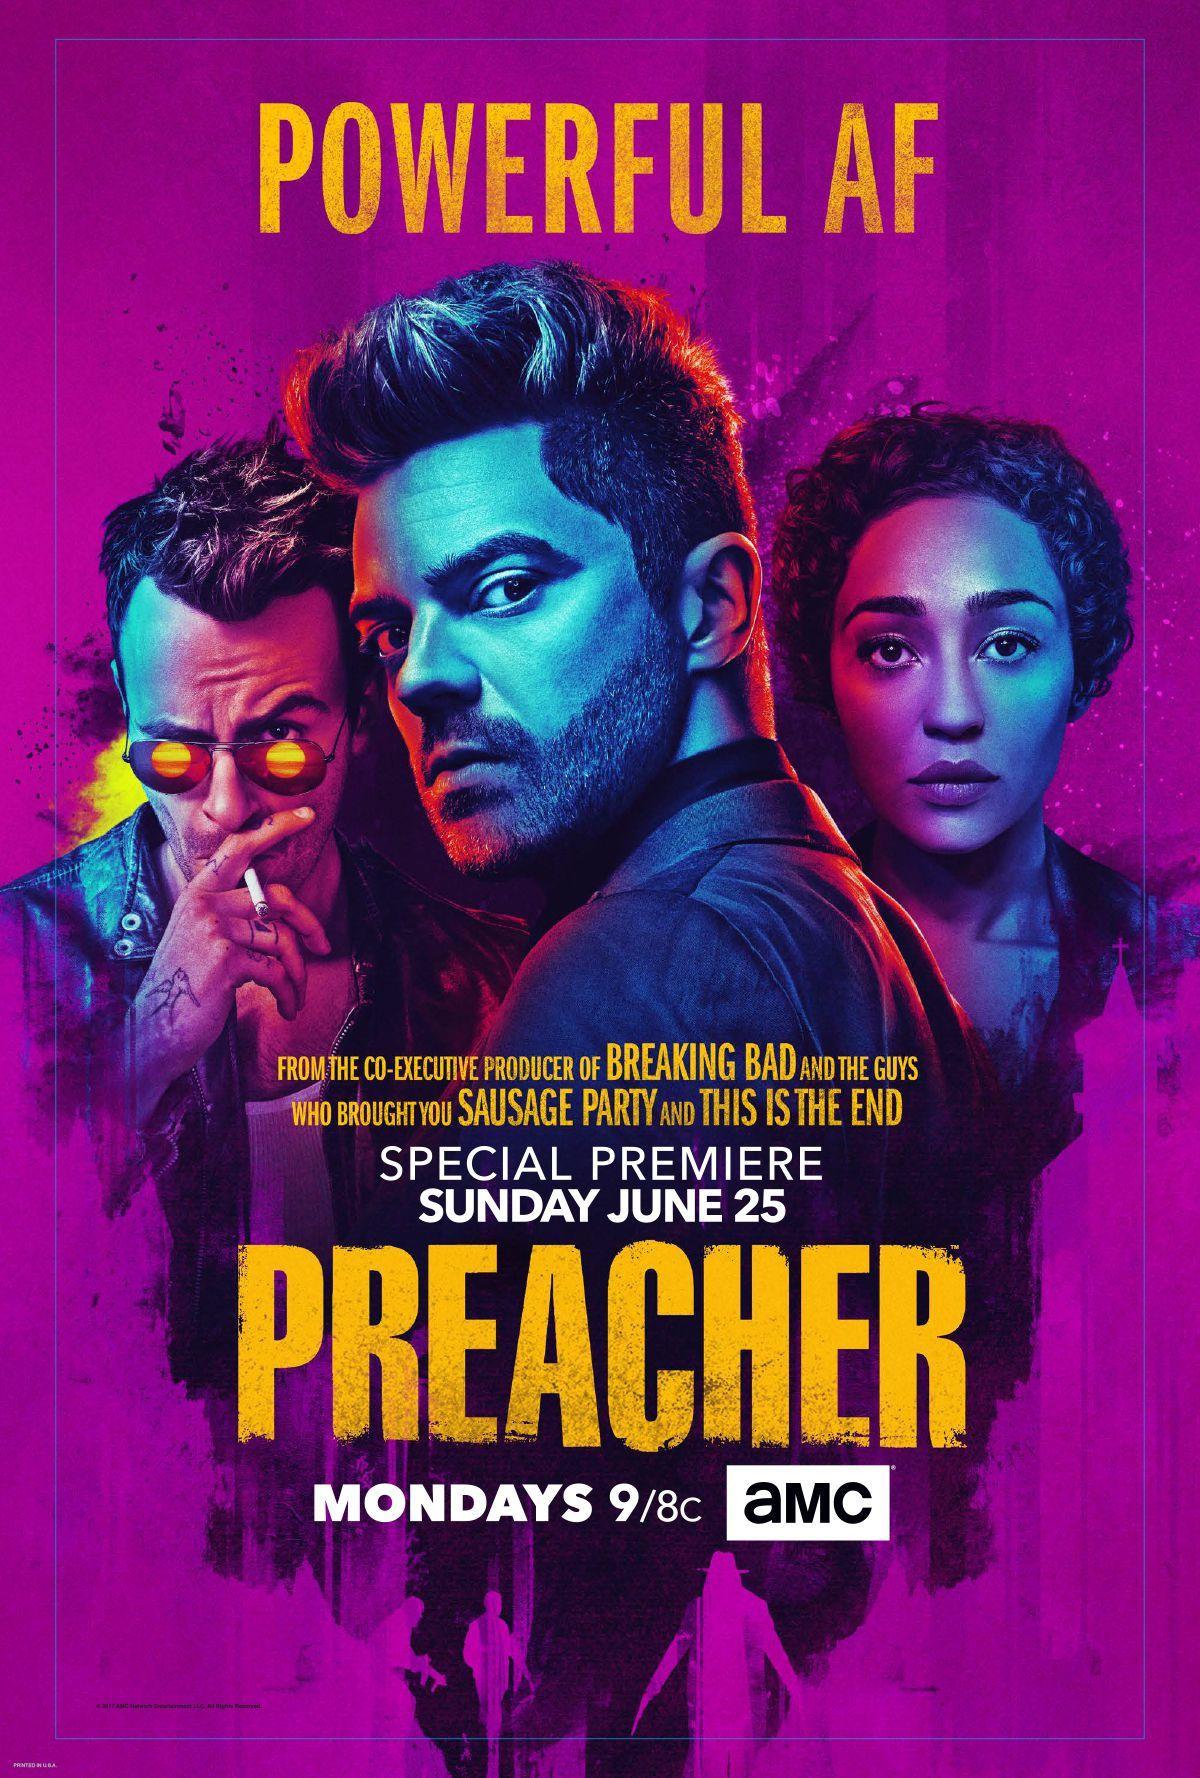 Preacher Season 2 Complete English 480p Hdtv Preacher Amc